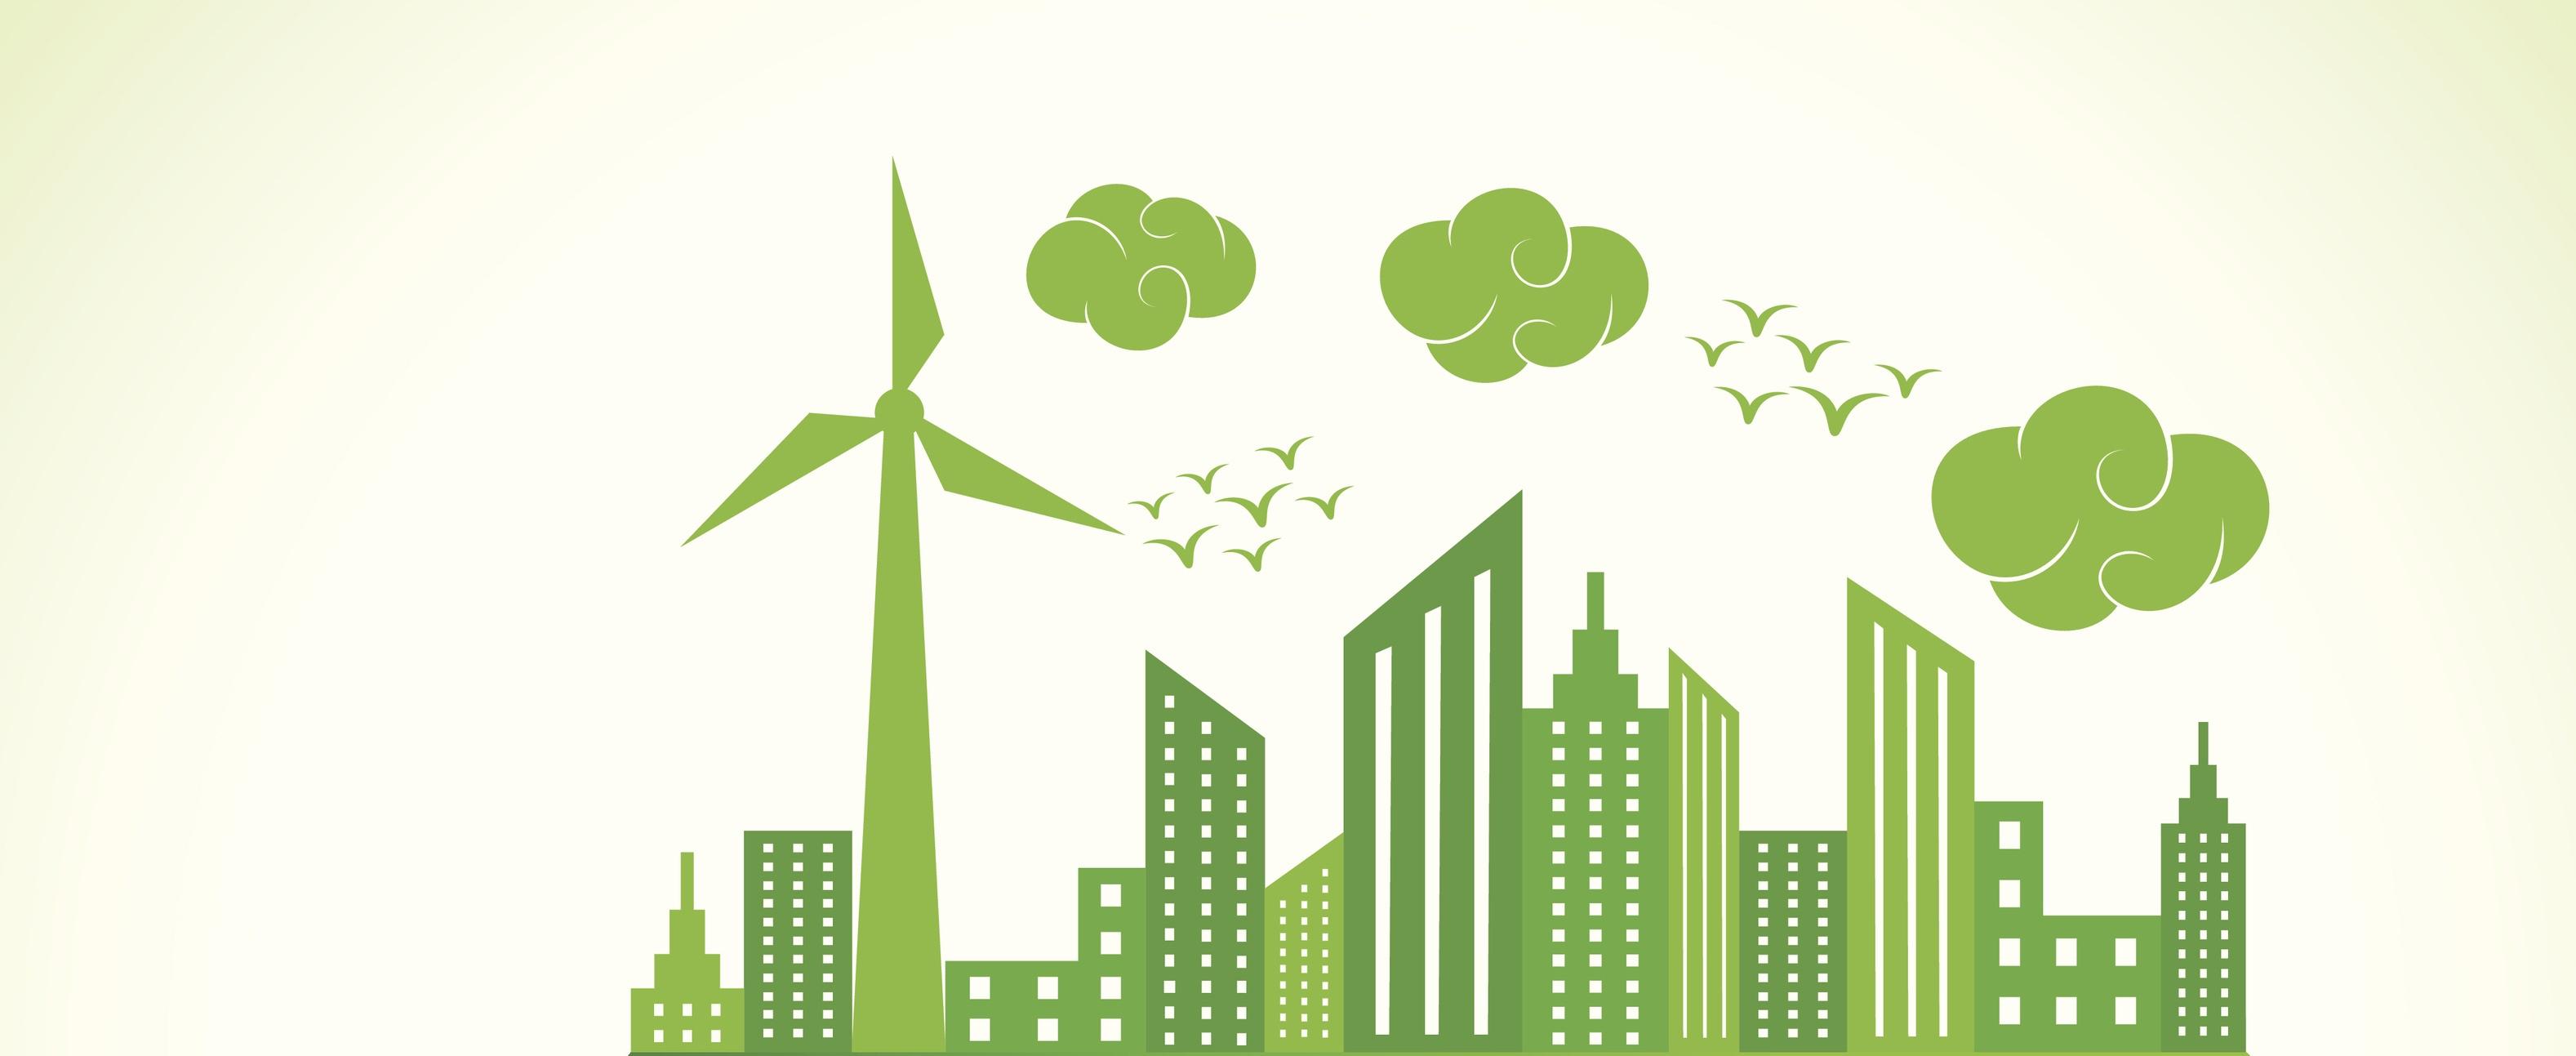 http://cdn2.hubspot.net/hubfs/32387/2016/Images/Blog/green-energy-inbound-marketing.jpg